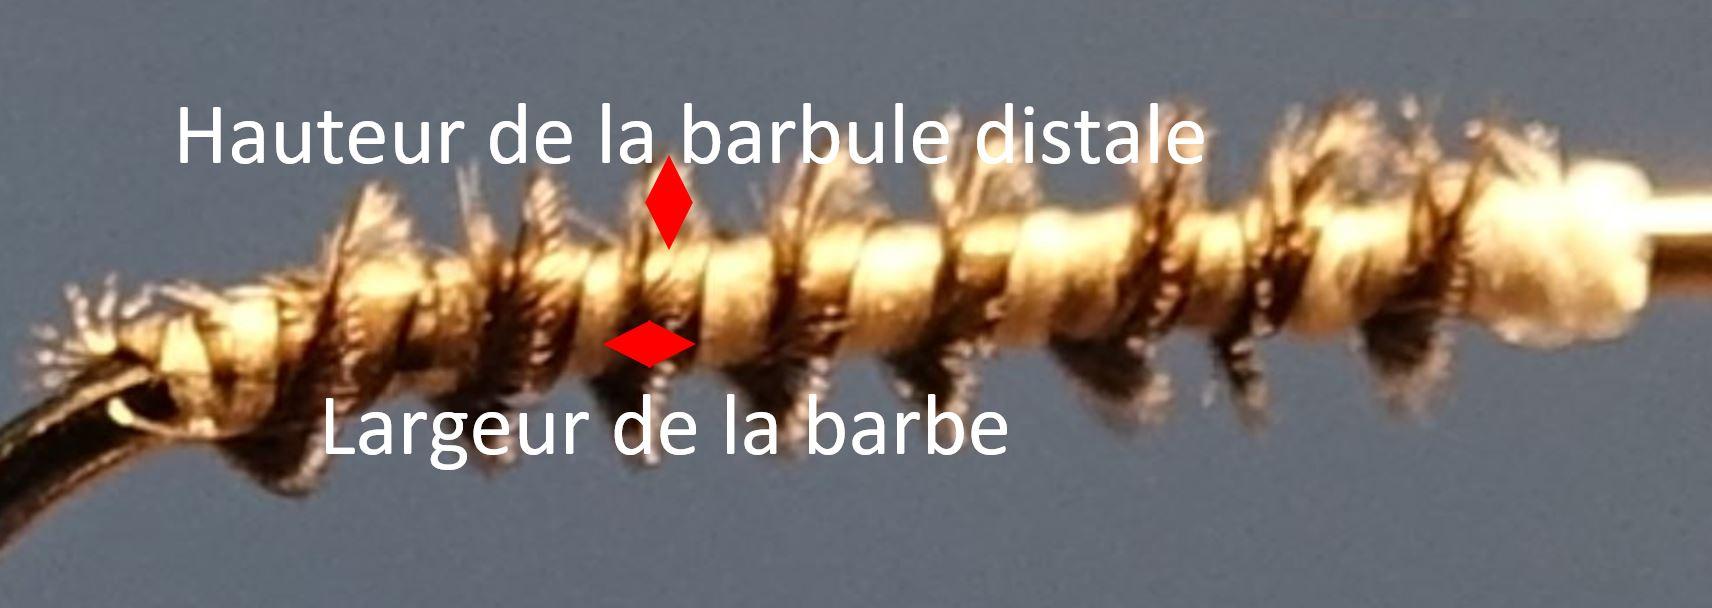 herl corneille detail